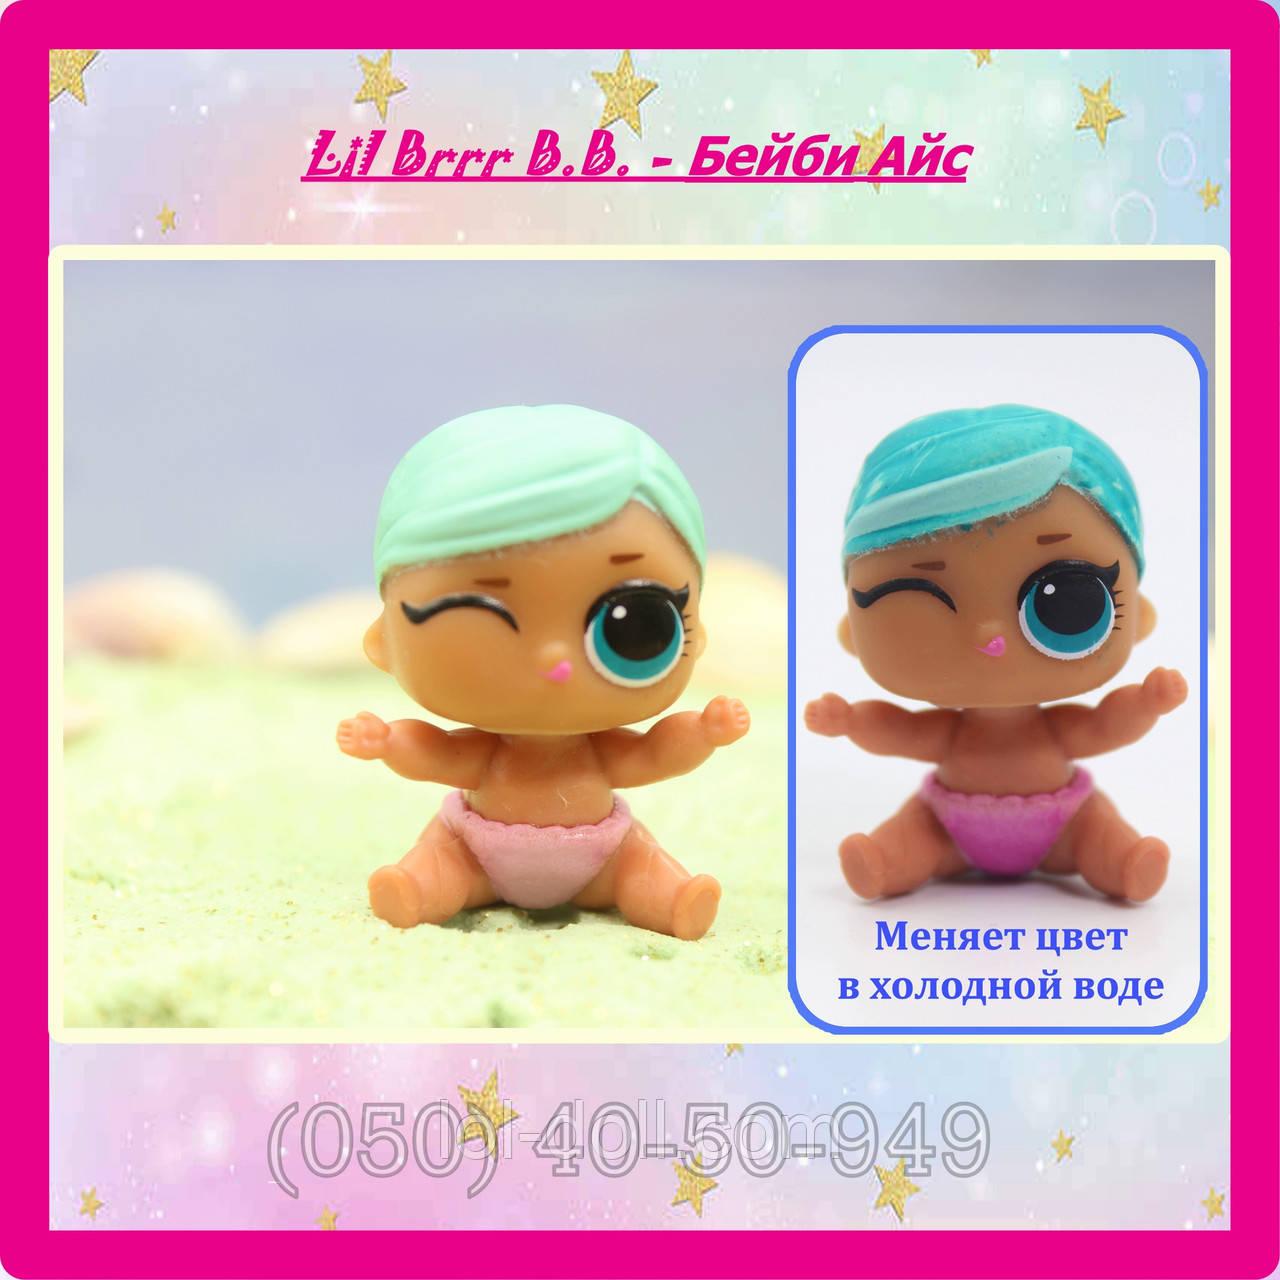 Кукла LOL Surprise 2 Серия Lil Brrr B.B. - Бейби Айс Лол Сюрприз Без Шара Оригинал